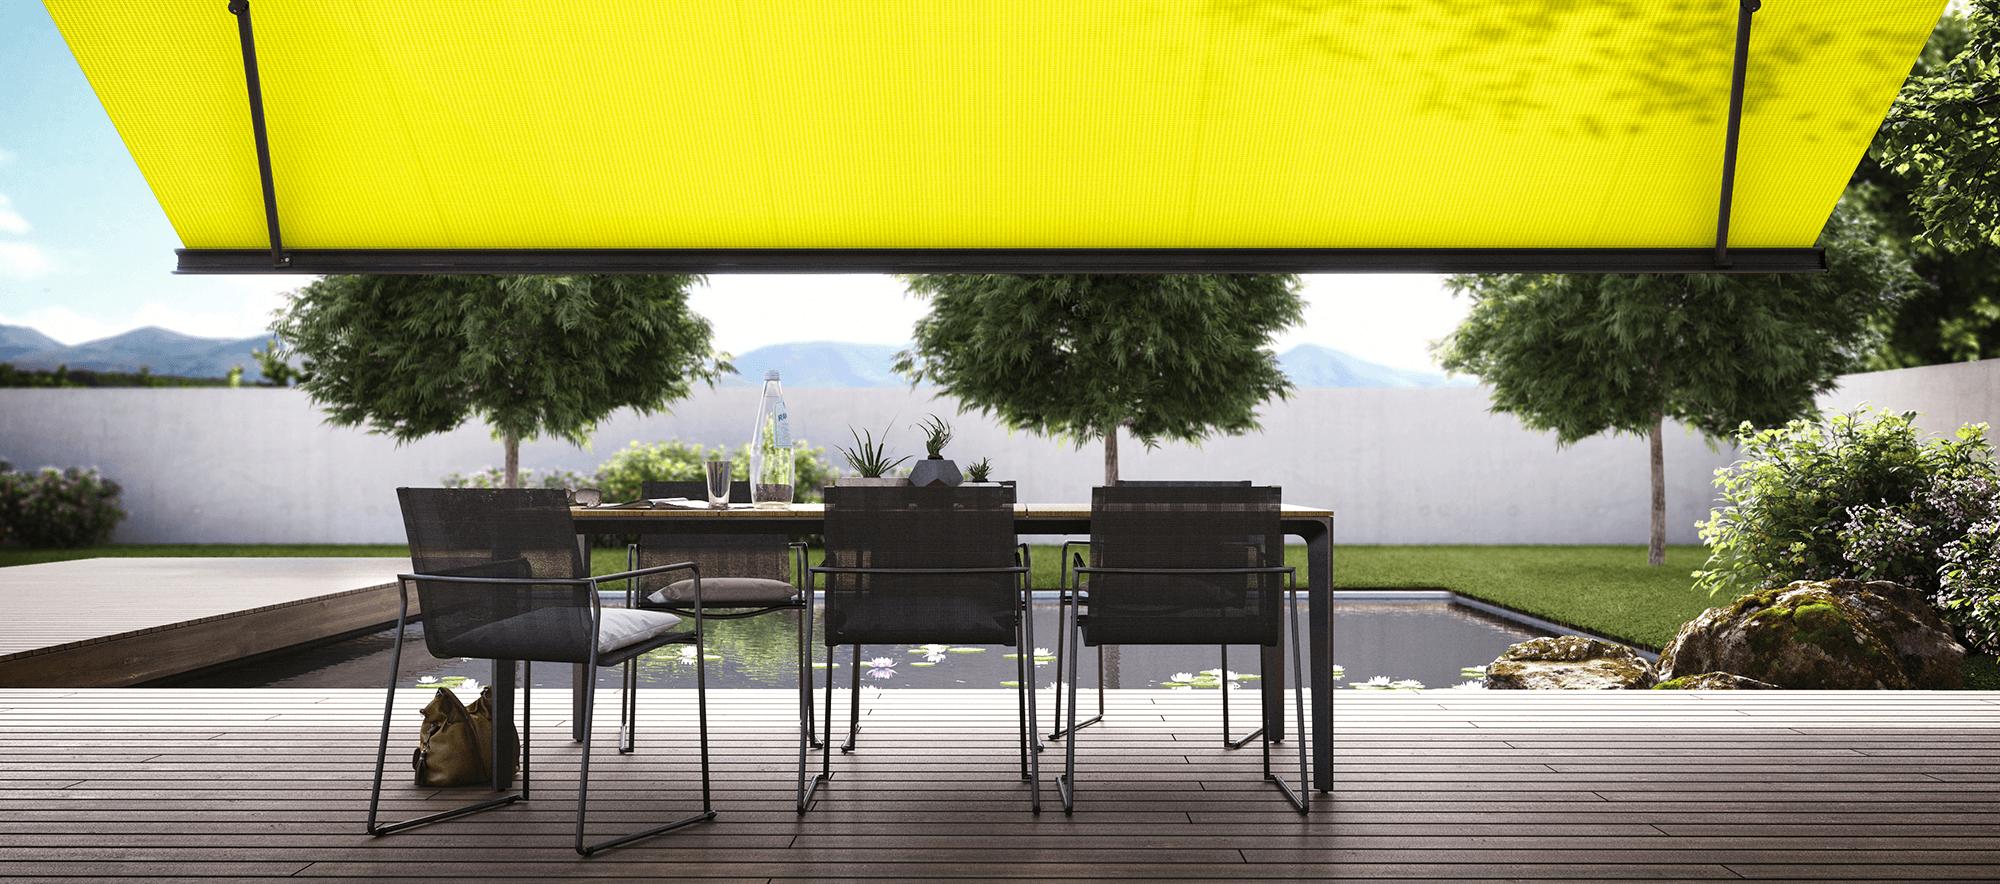 Bild på gul markis med stolar på terass.